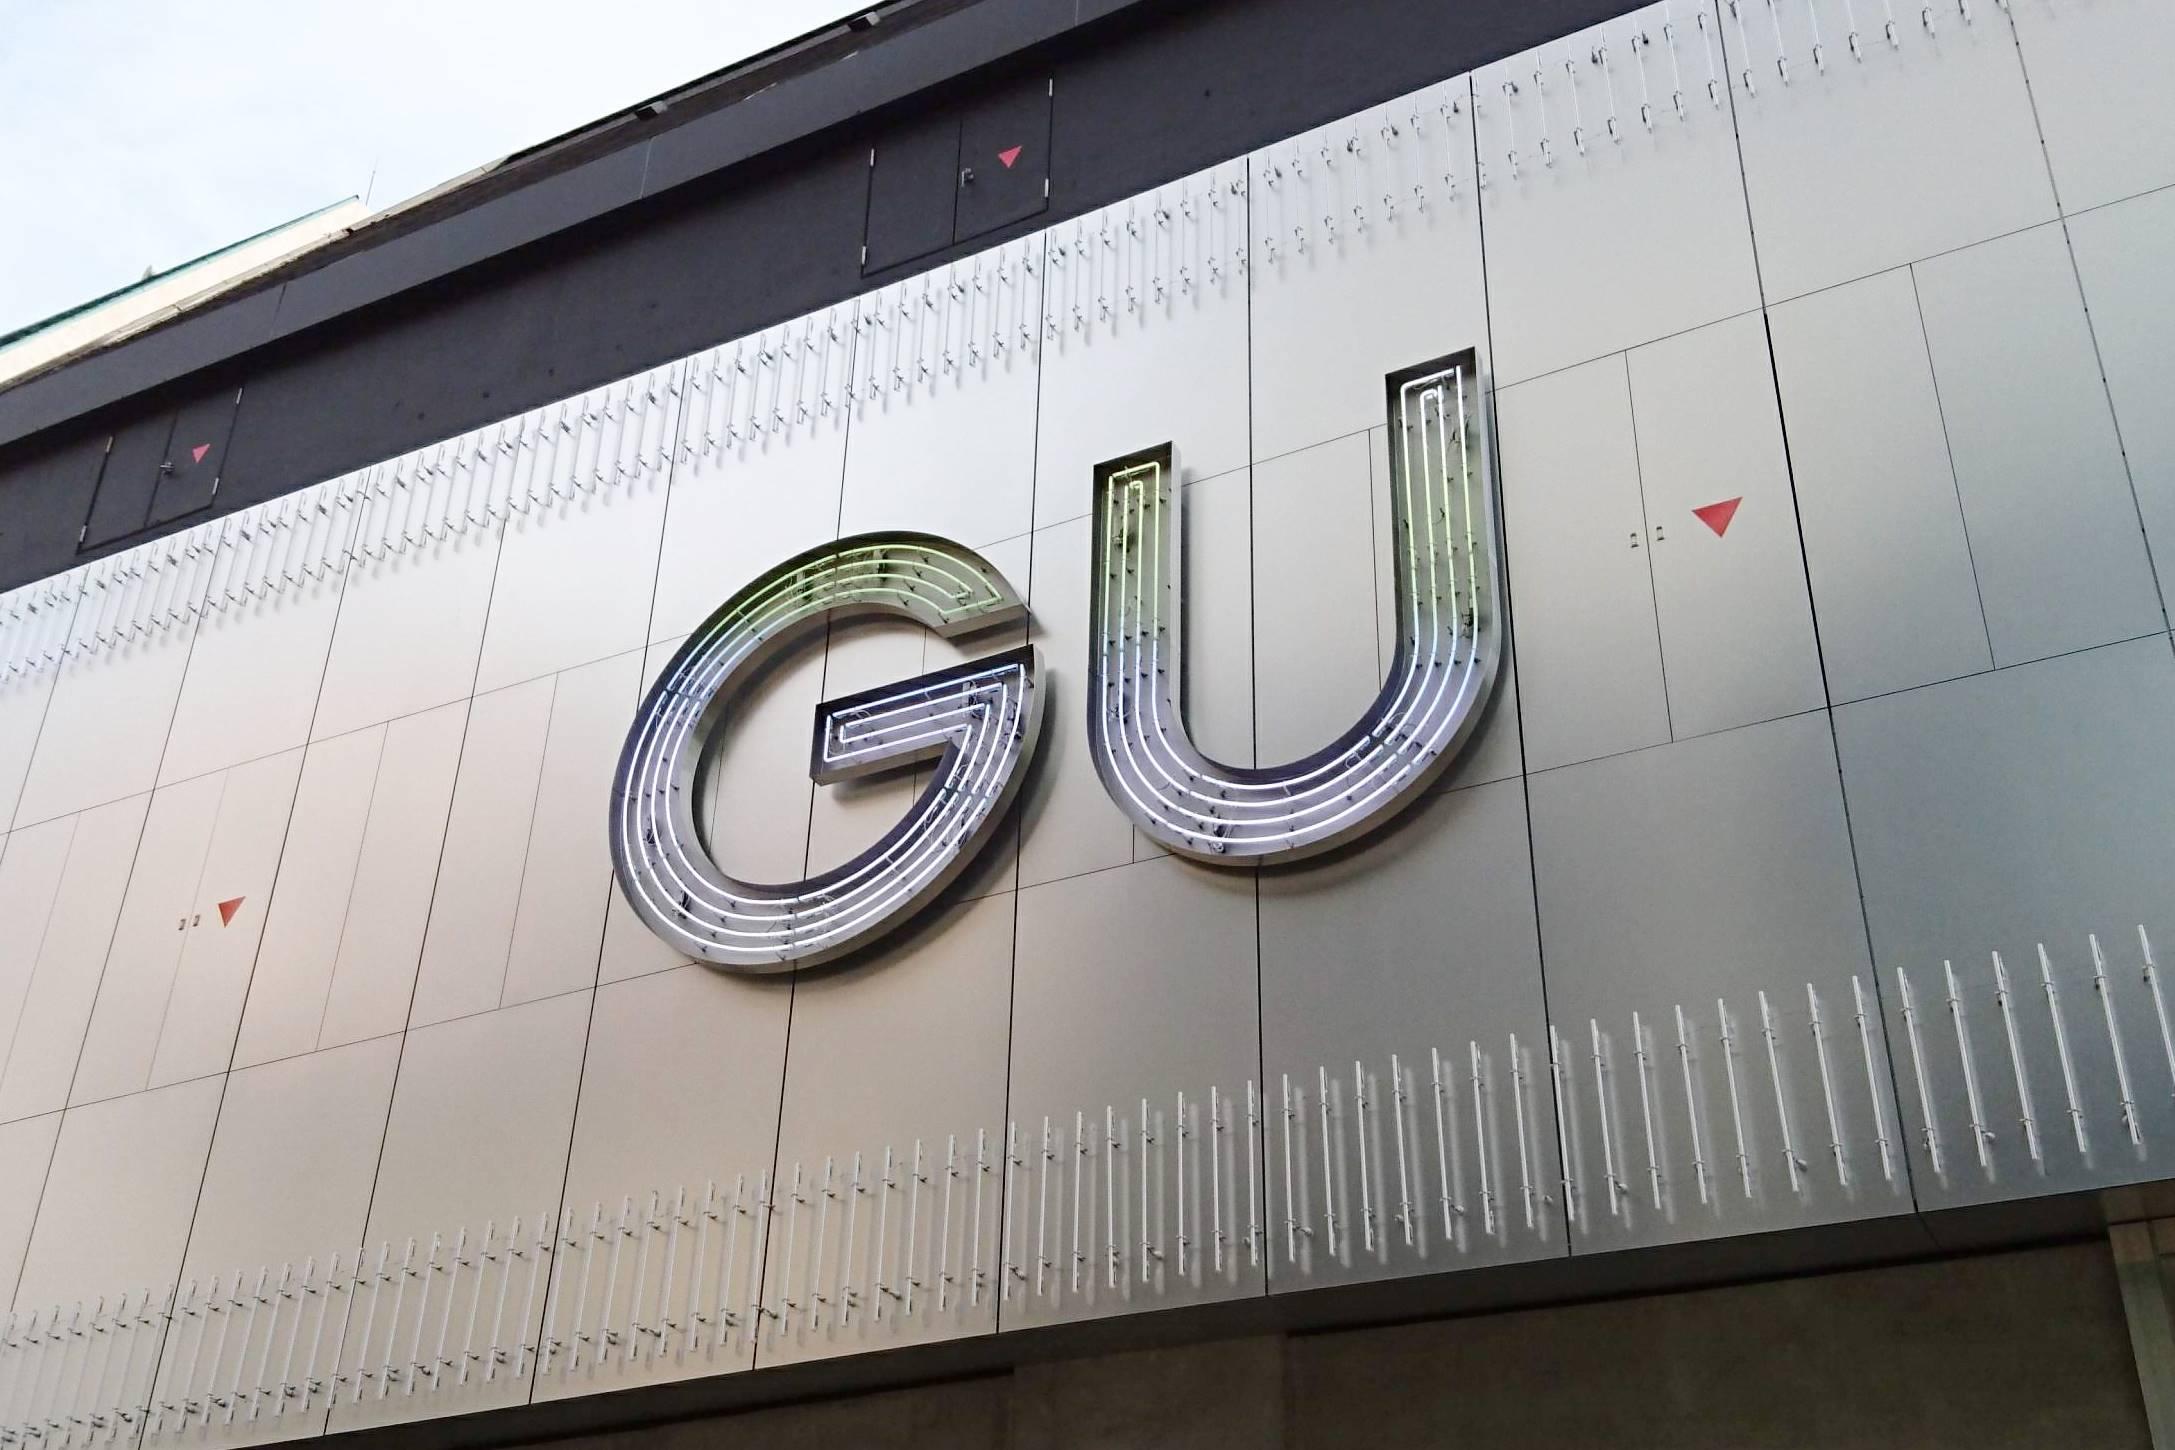 GUの冬ワンピ、みんなが買ってるのは?人気アイテム4つ